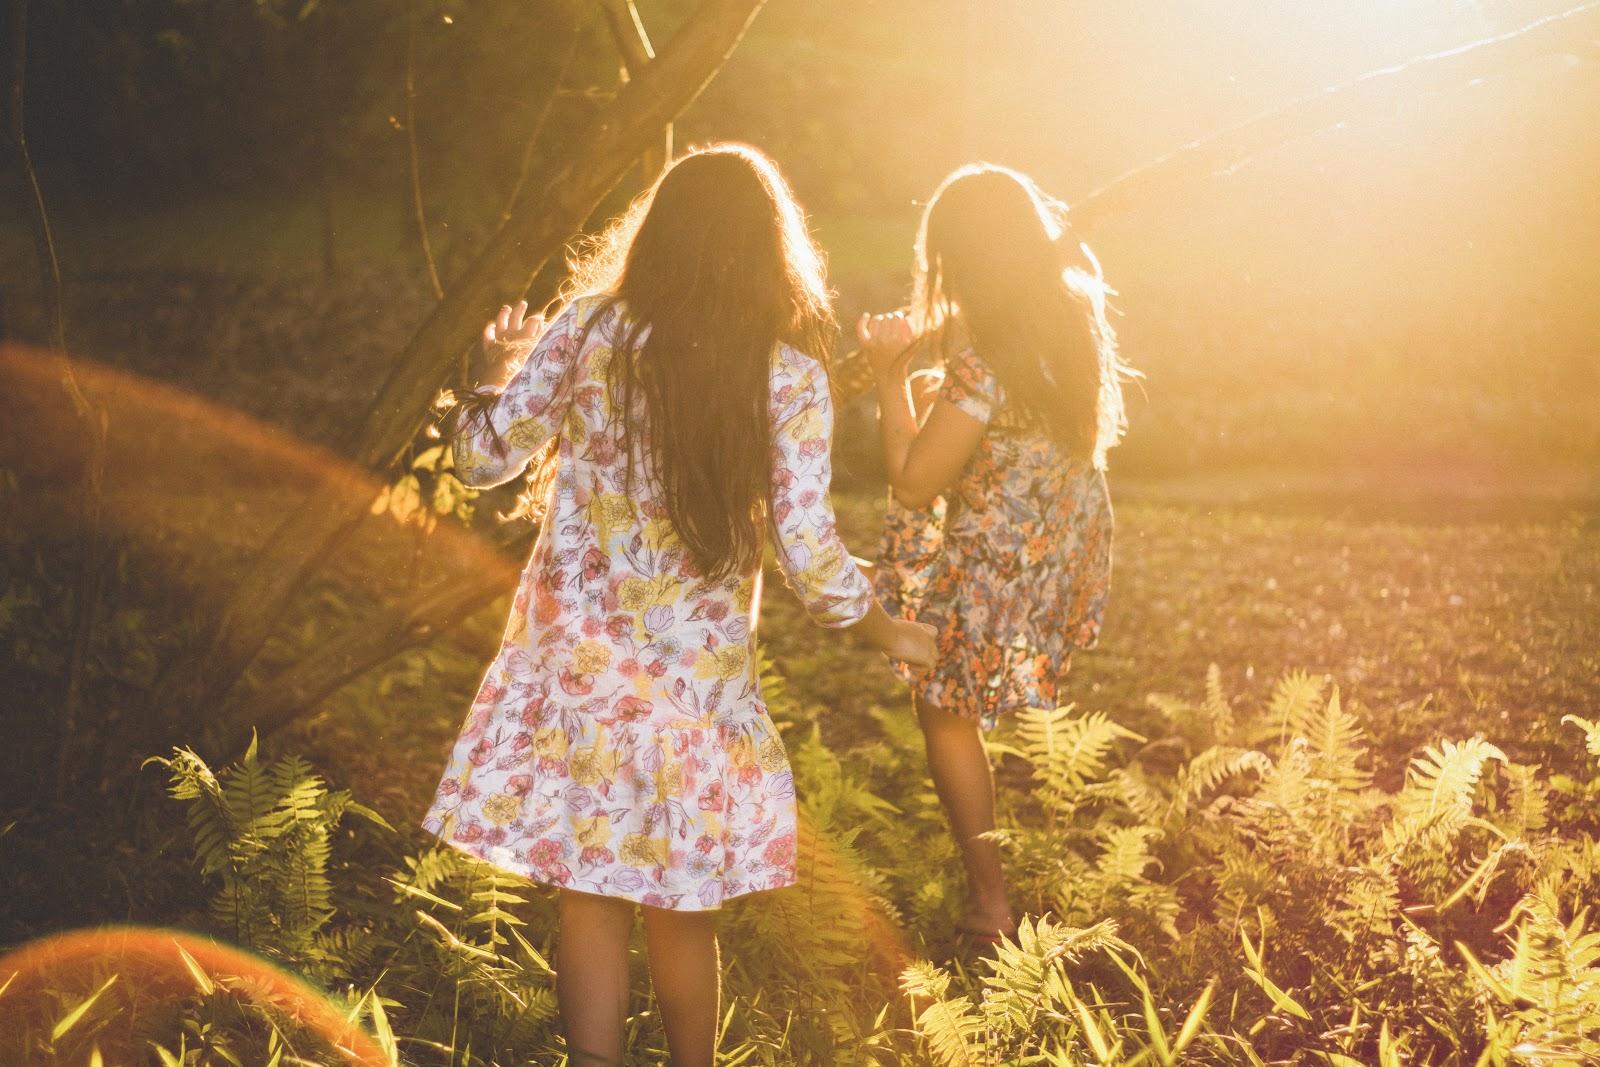 Girls enjoying an allergy-free spring day.